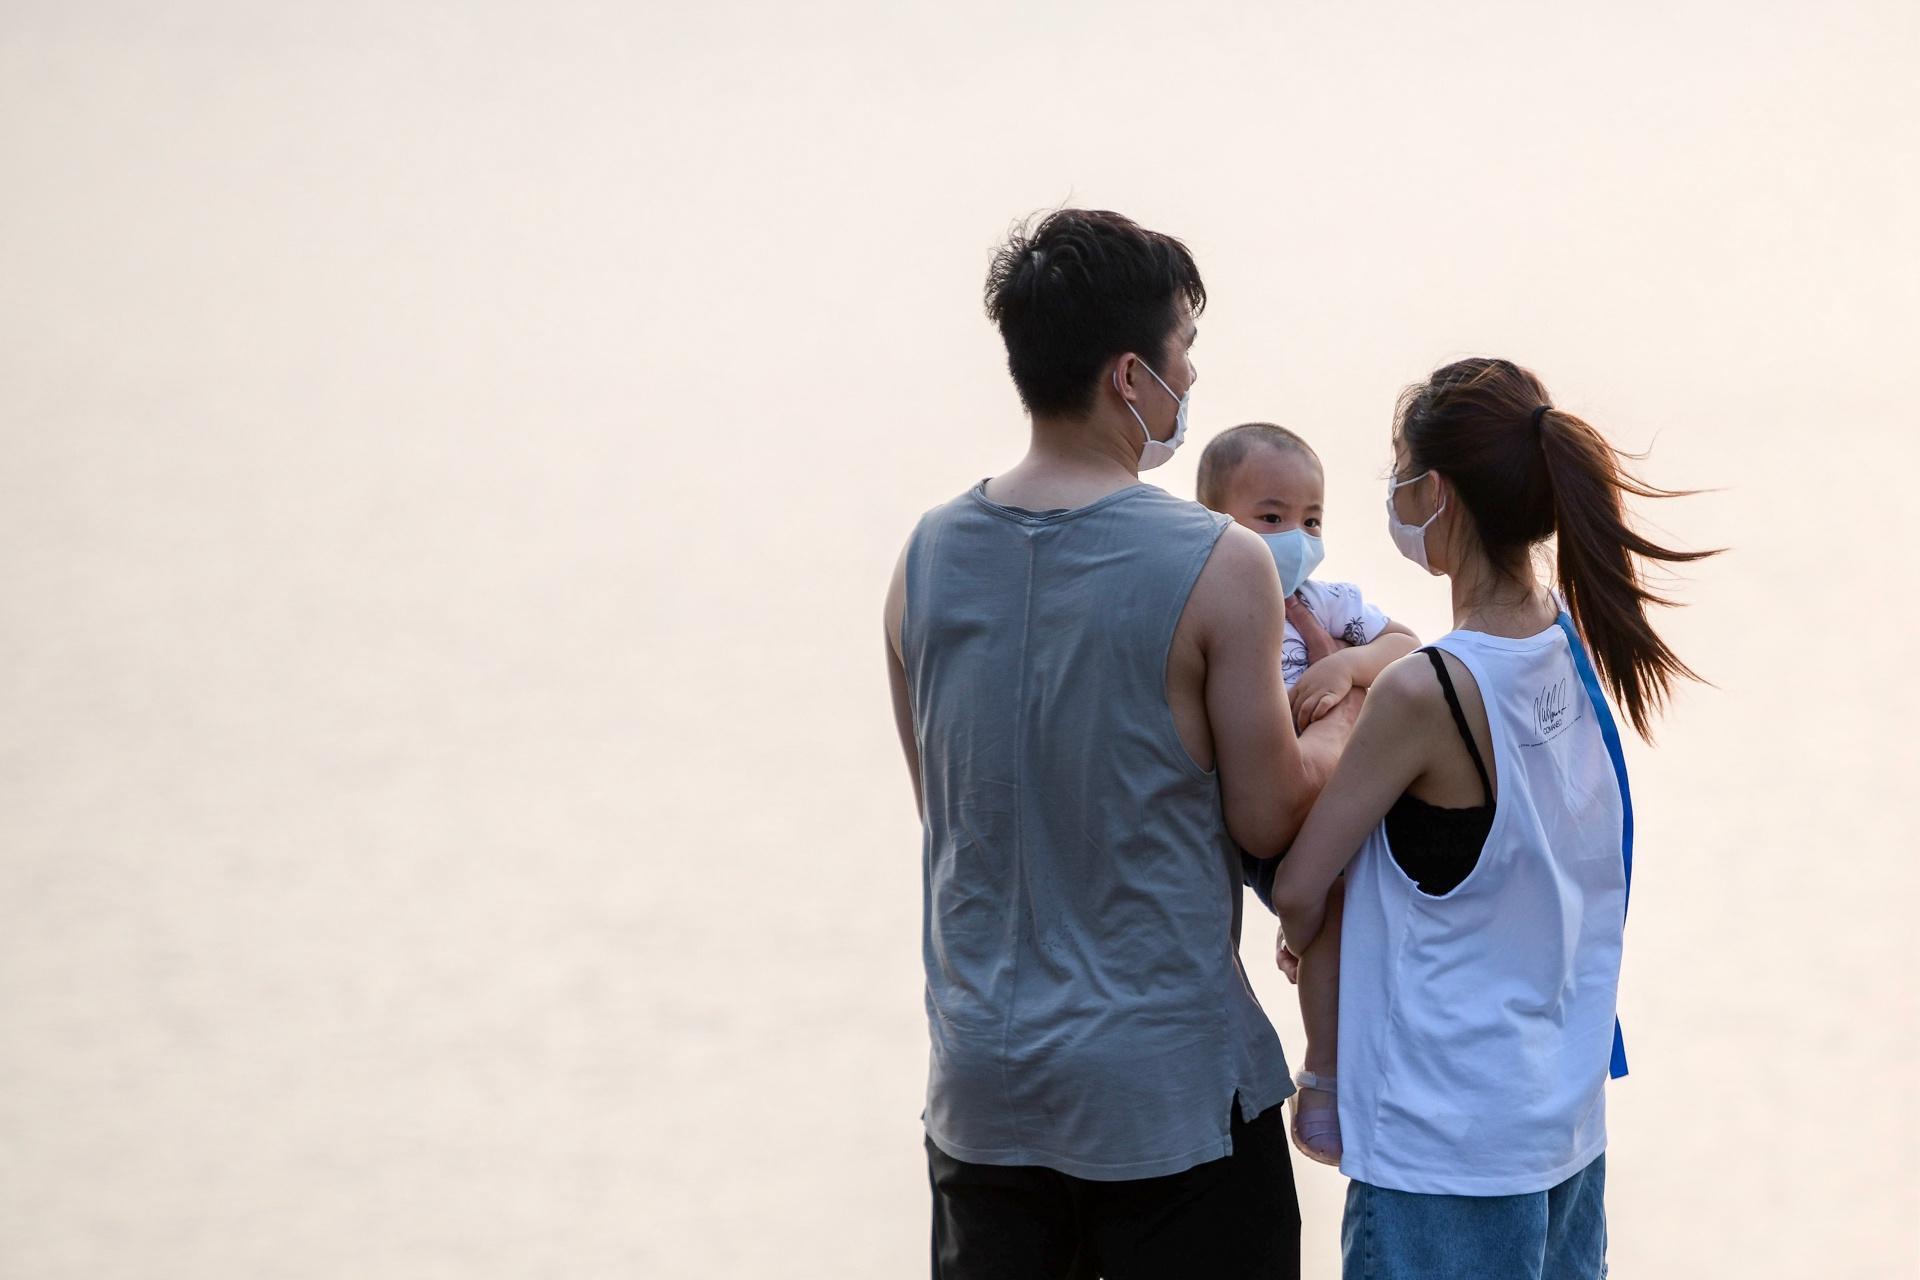 Nhiều người vượt rào chắn chống dịch Covid-19 để check-in hồ Tây Ảnh 8